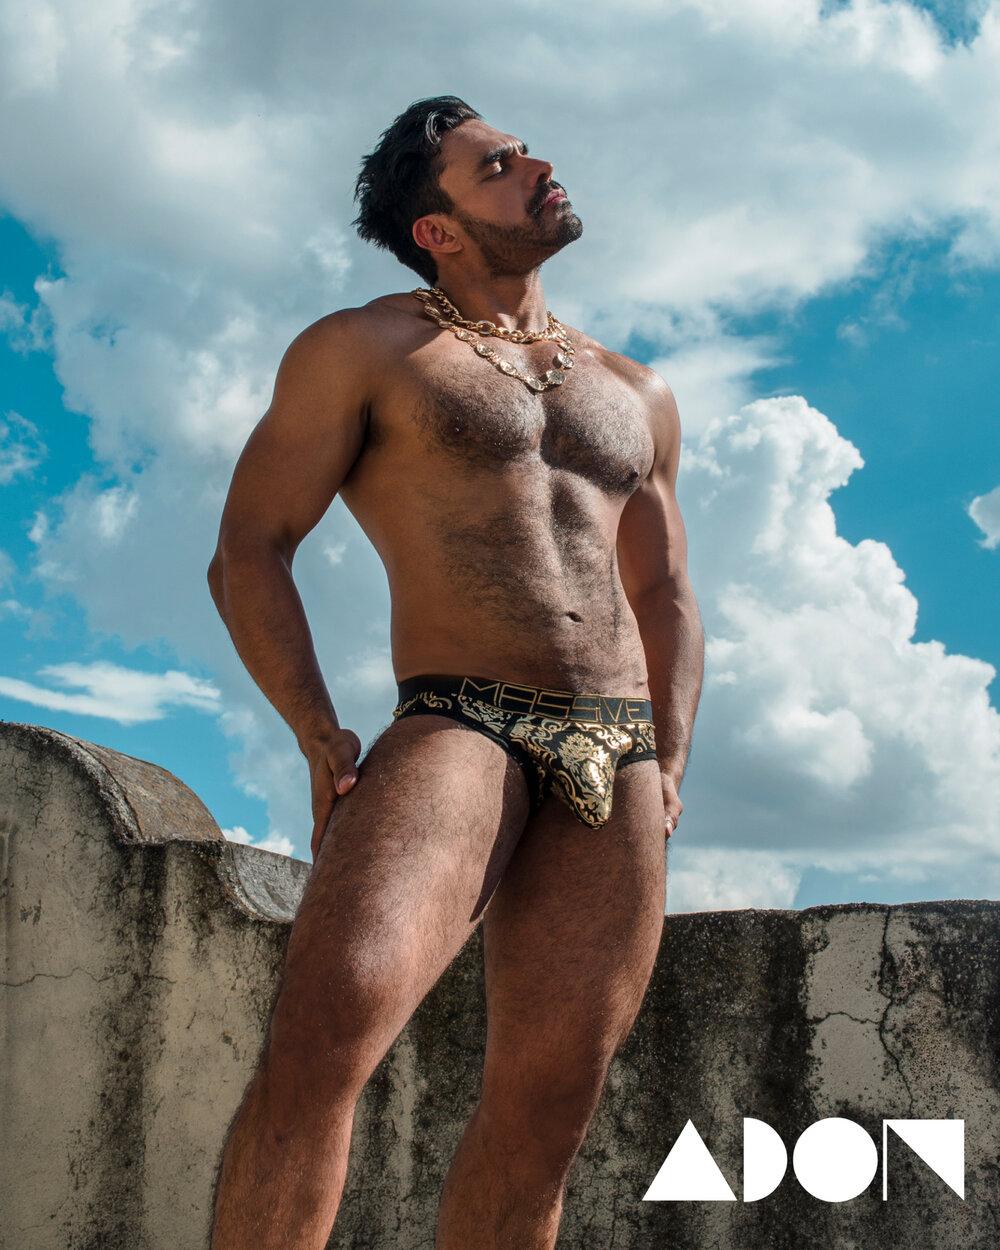 Adon Exclusive: Model José  By @bocbocphoto